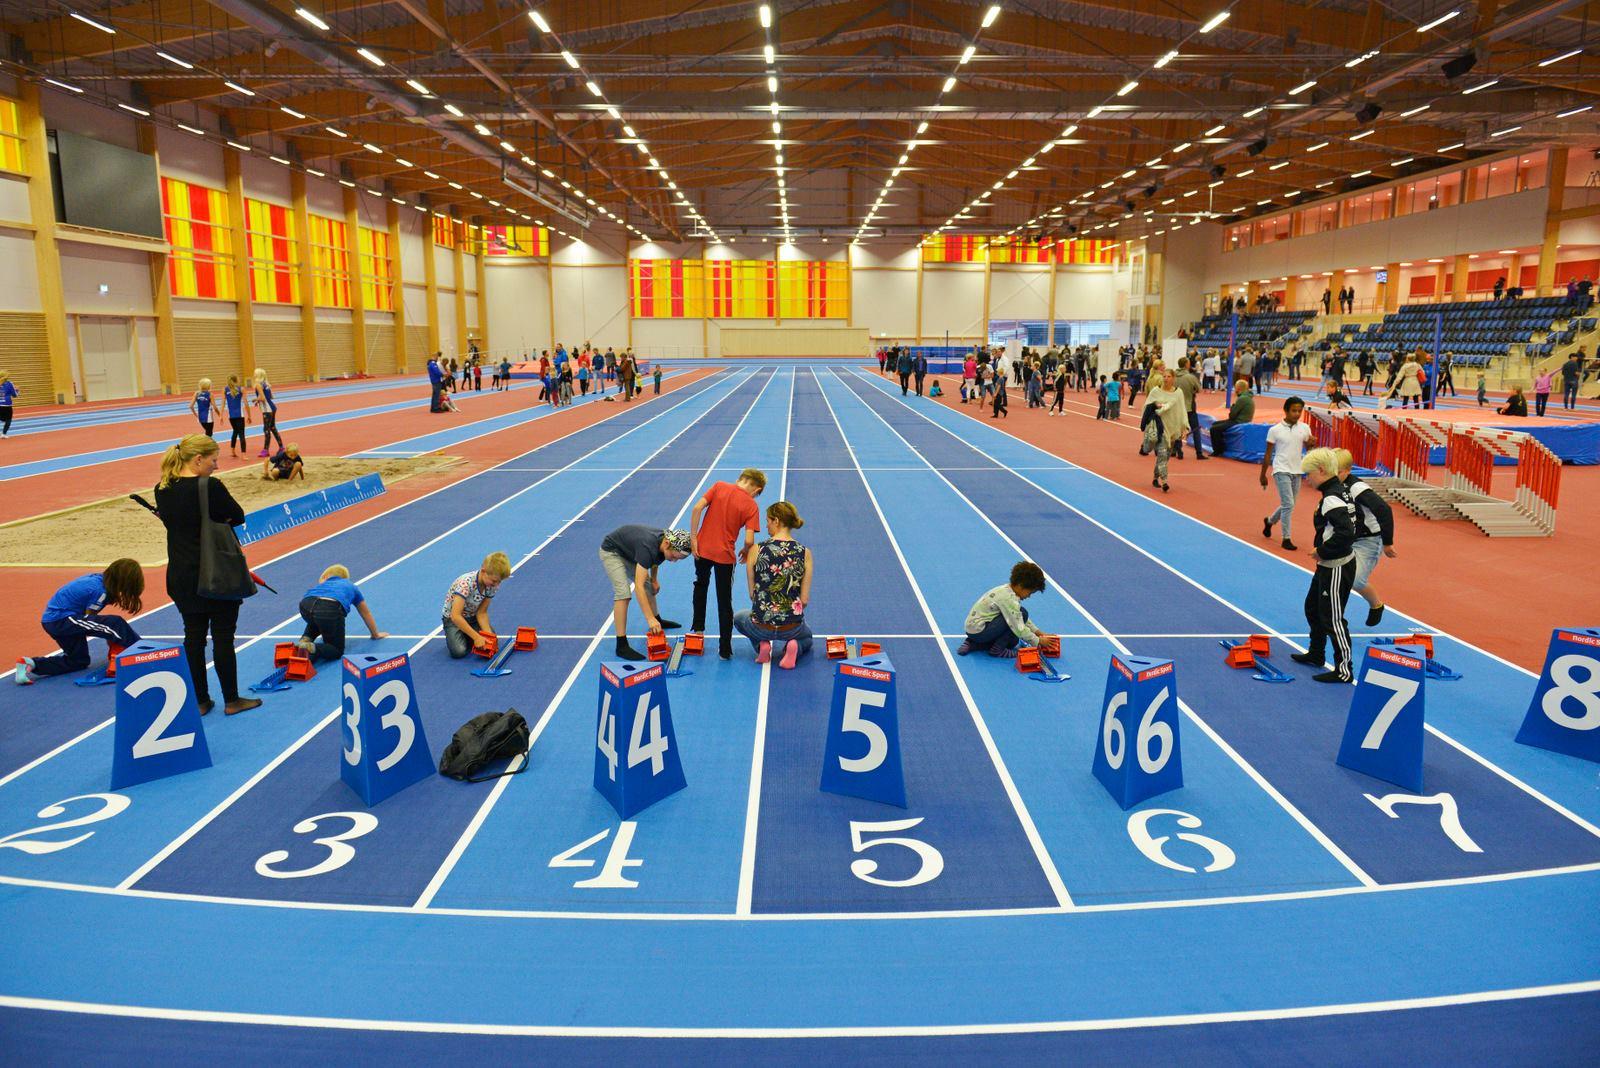 Foto IFU Arena Idrott och kultur